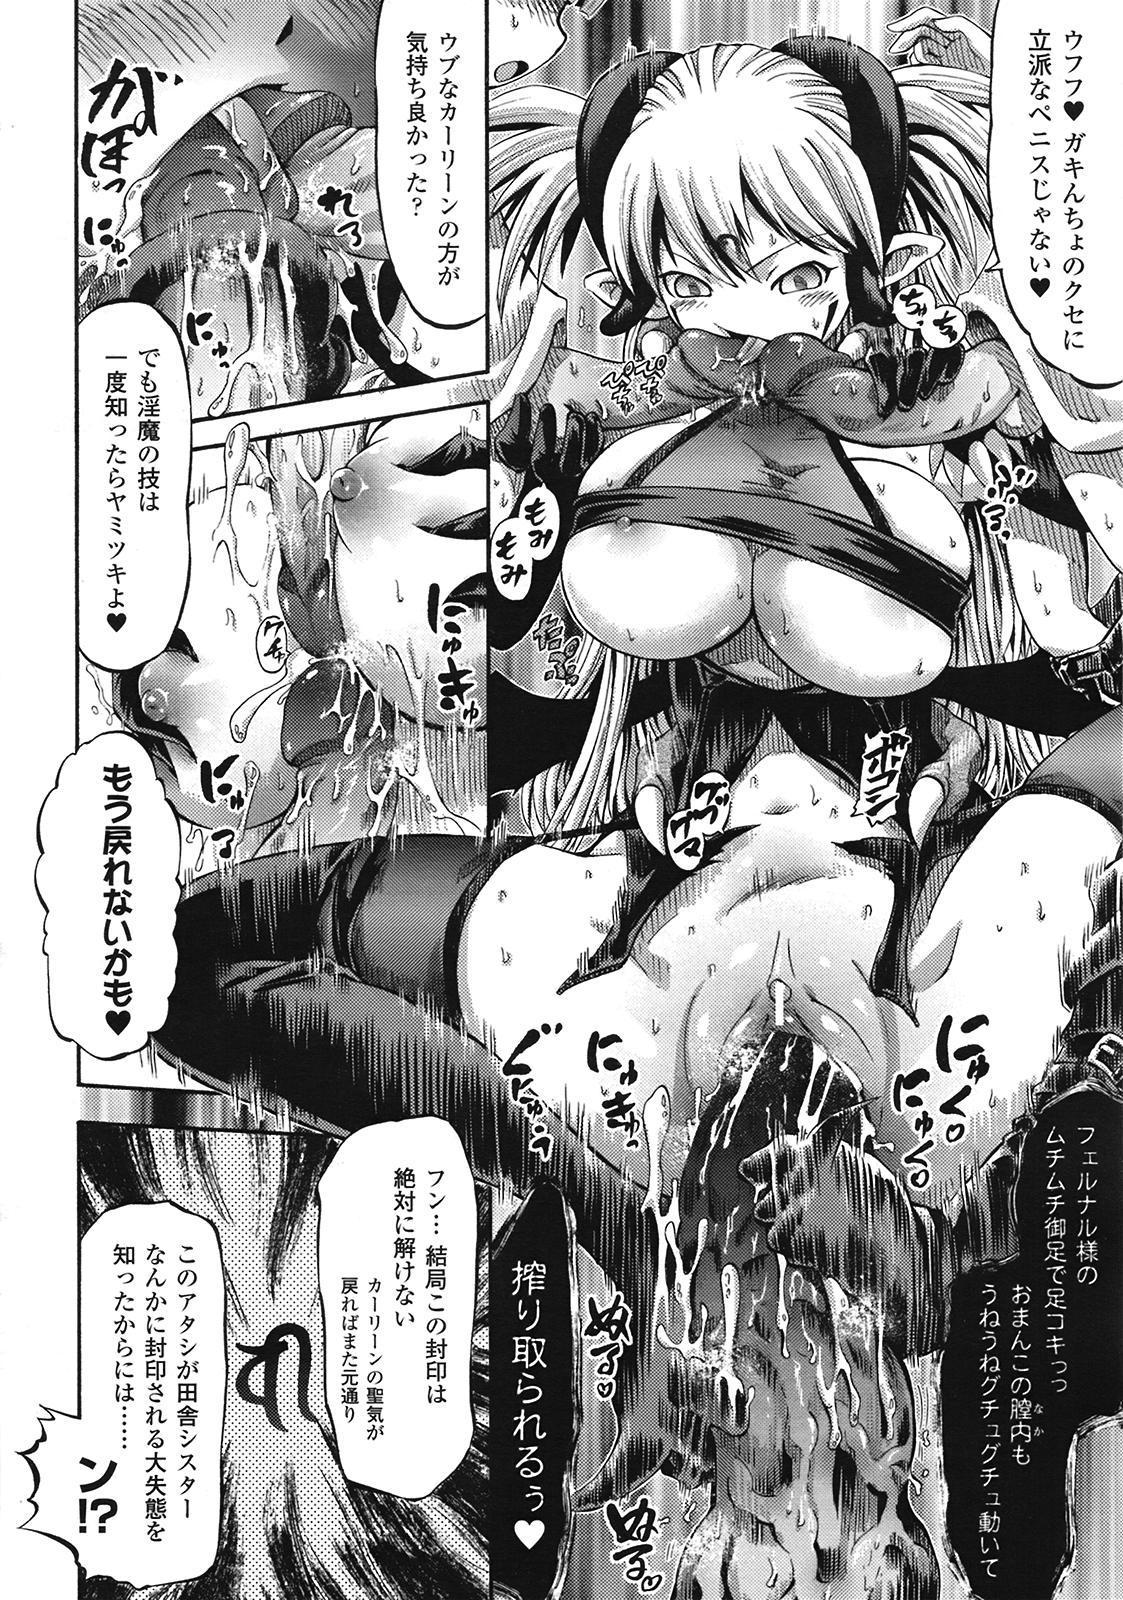 Comic Unreal 2009-04 Vol. 18 149